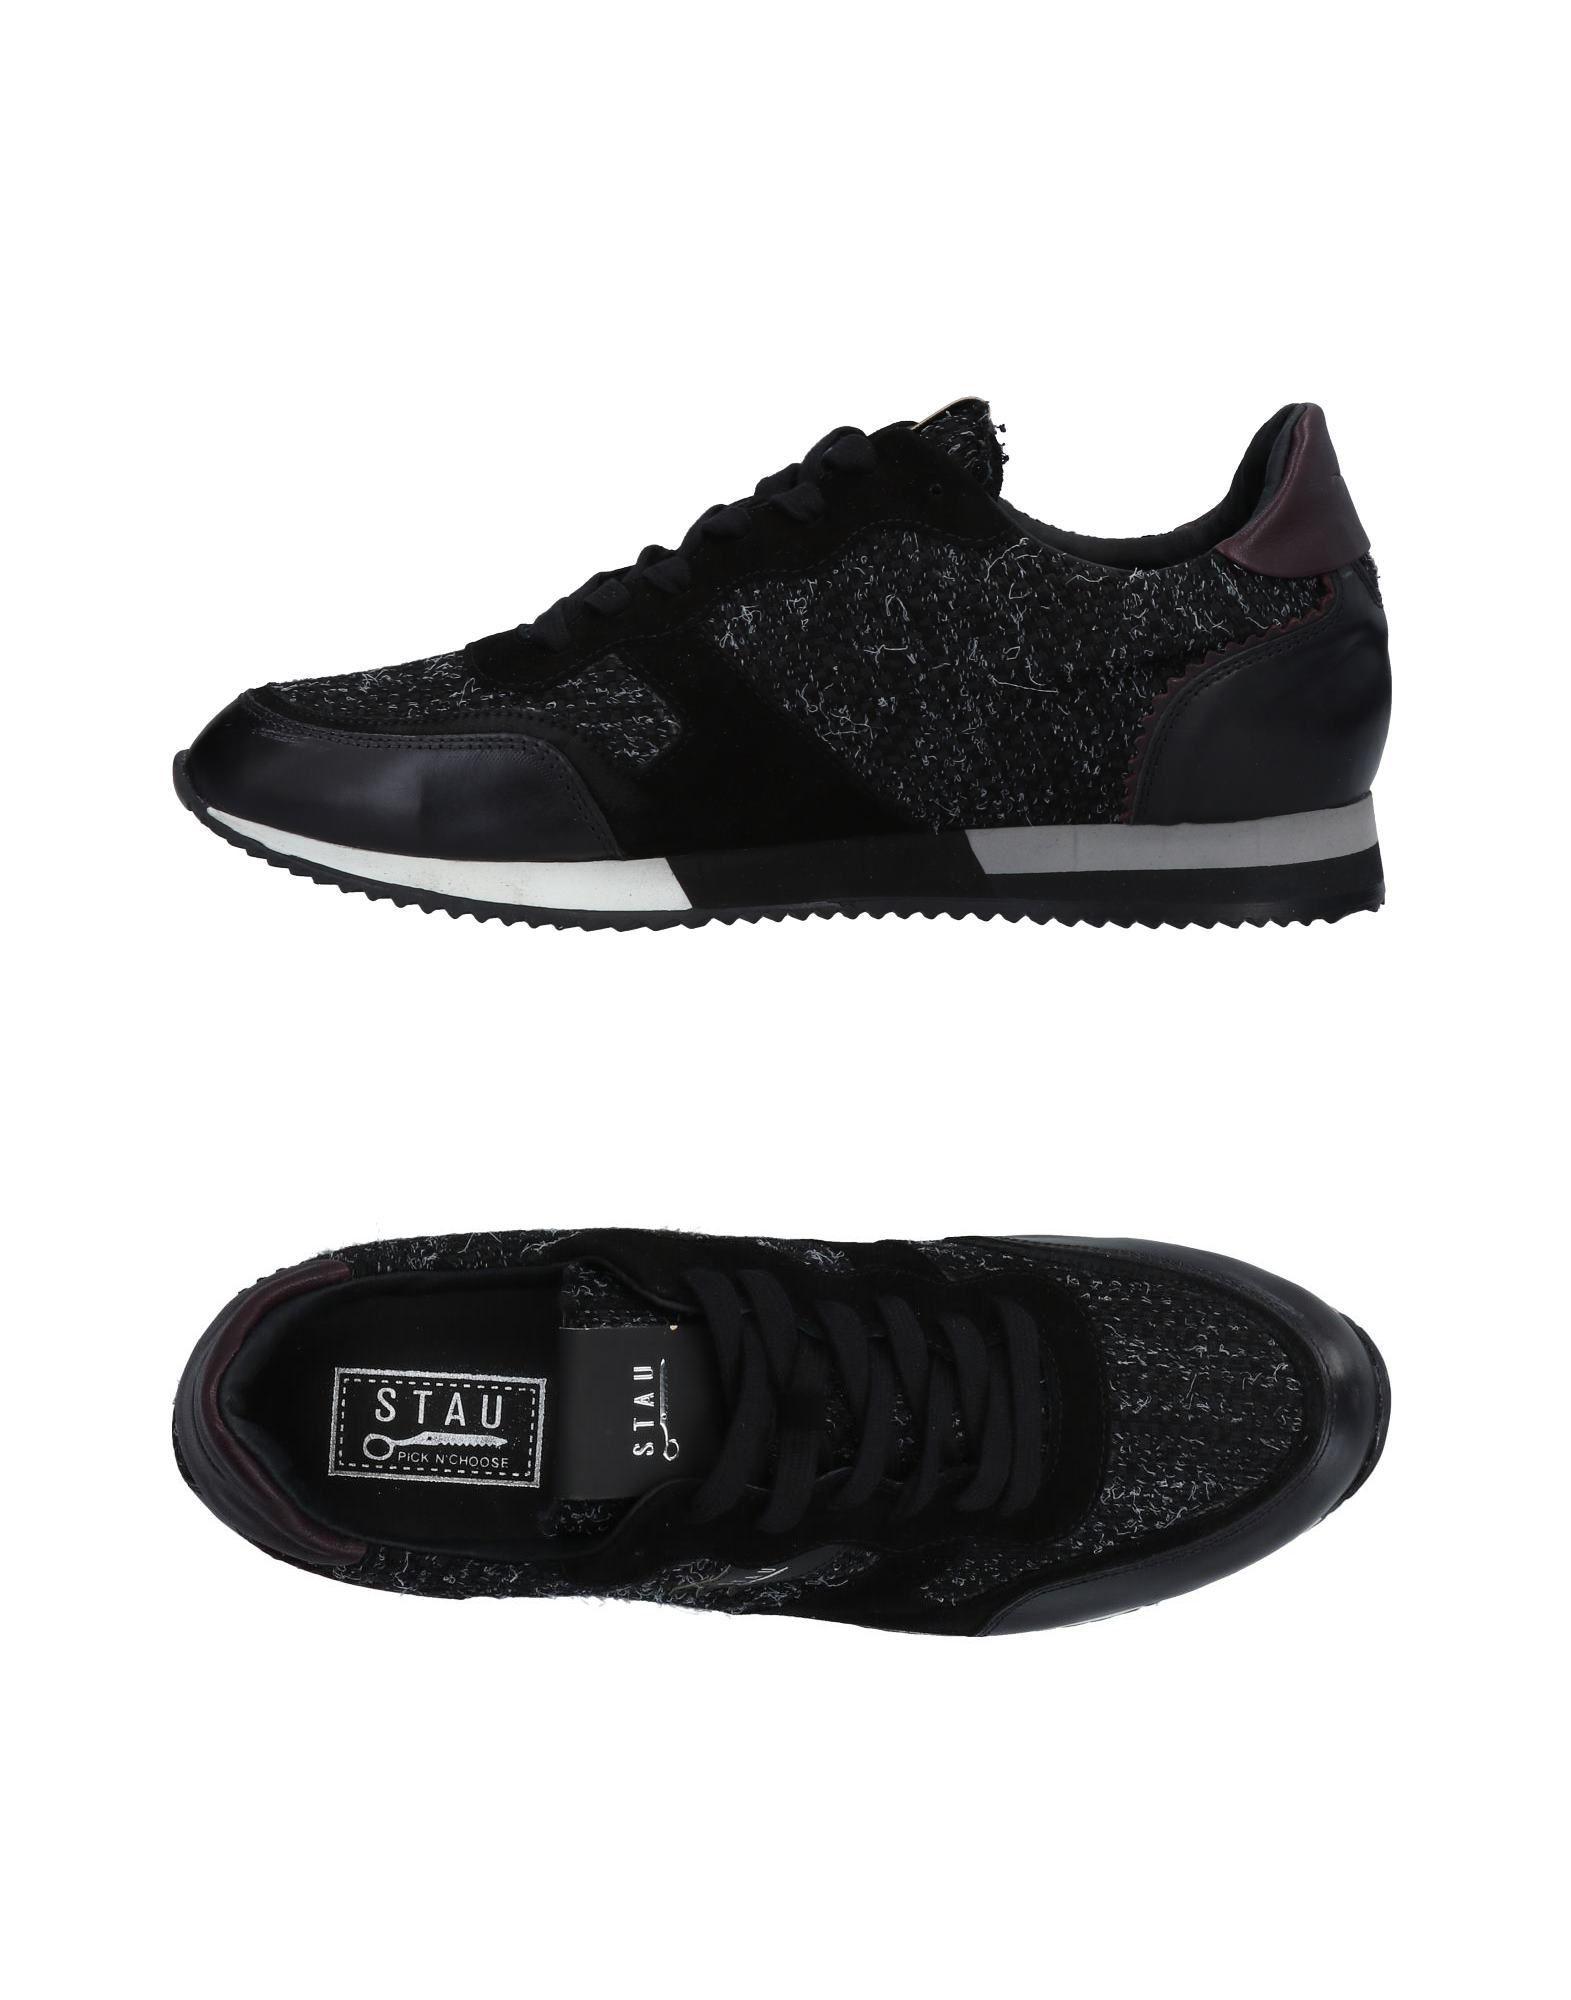 Stau Sneakers - Men Stau Sneakers online 11484675SL on  Canada - 11484675SL online cbaae0